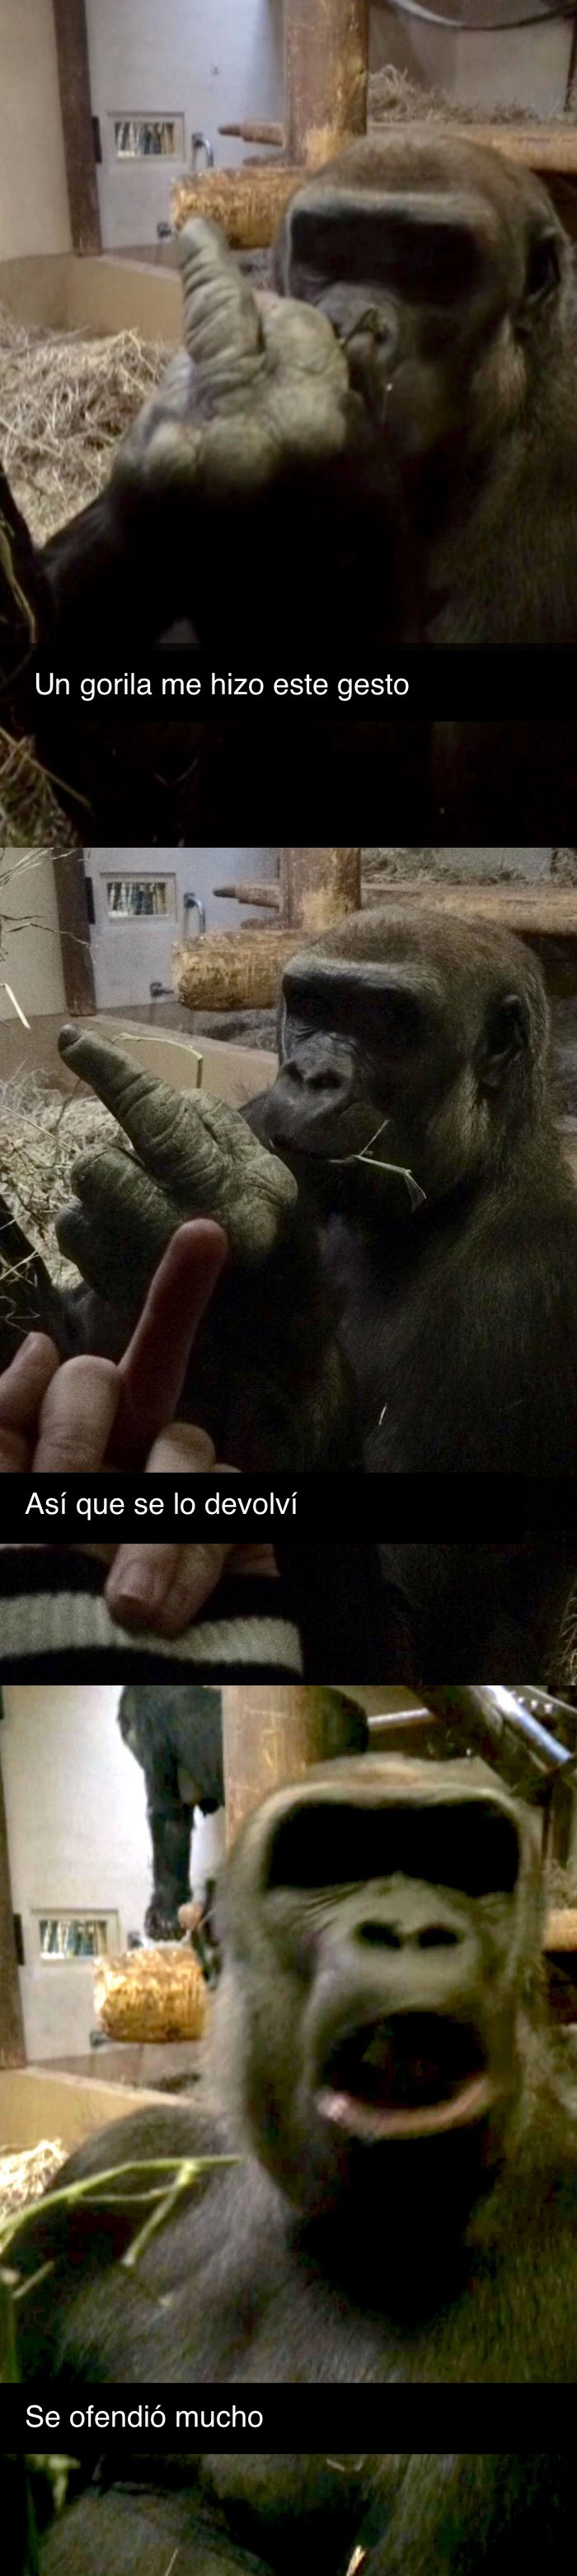 Gorila ofendido